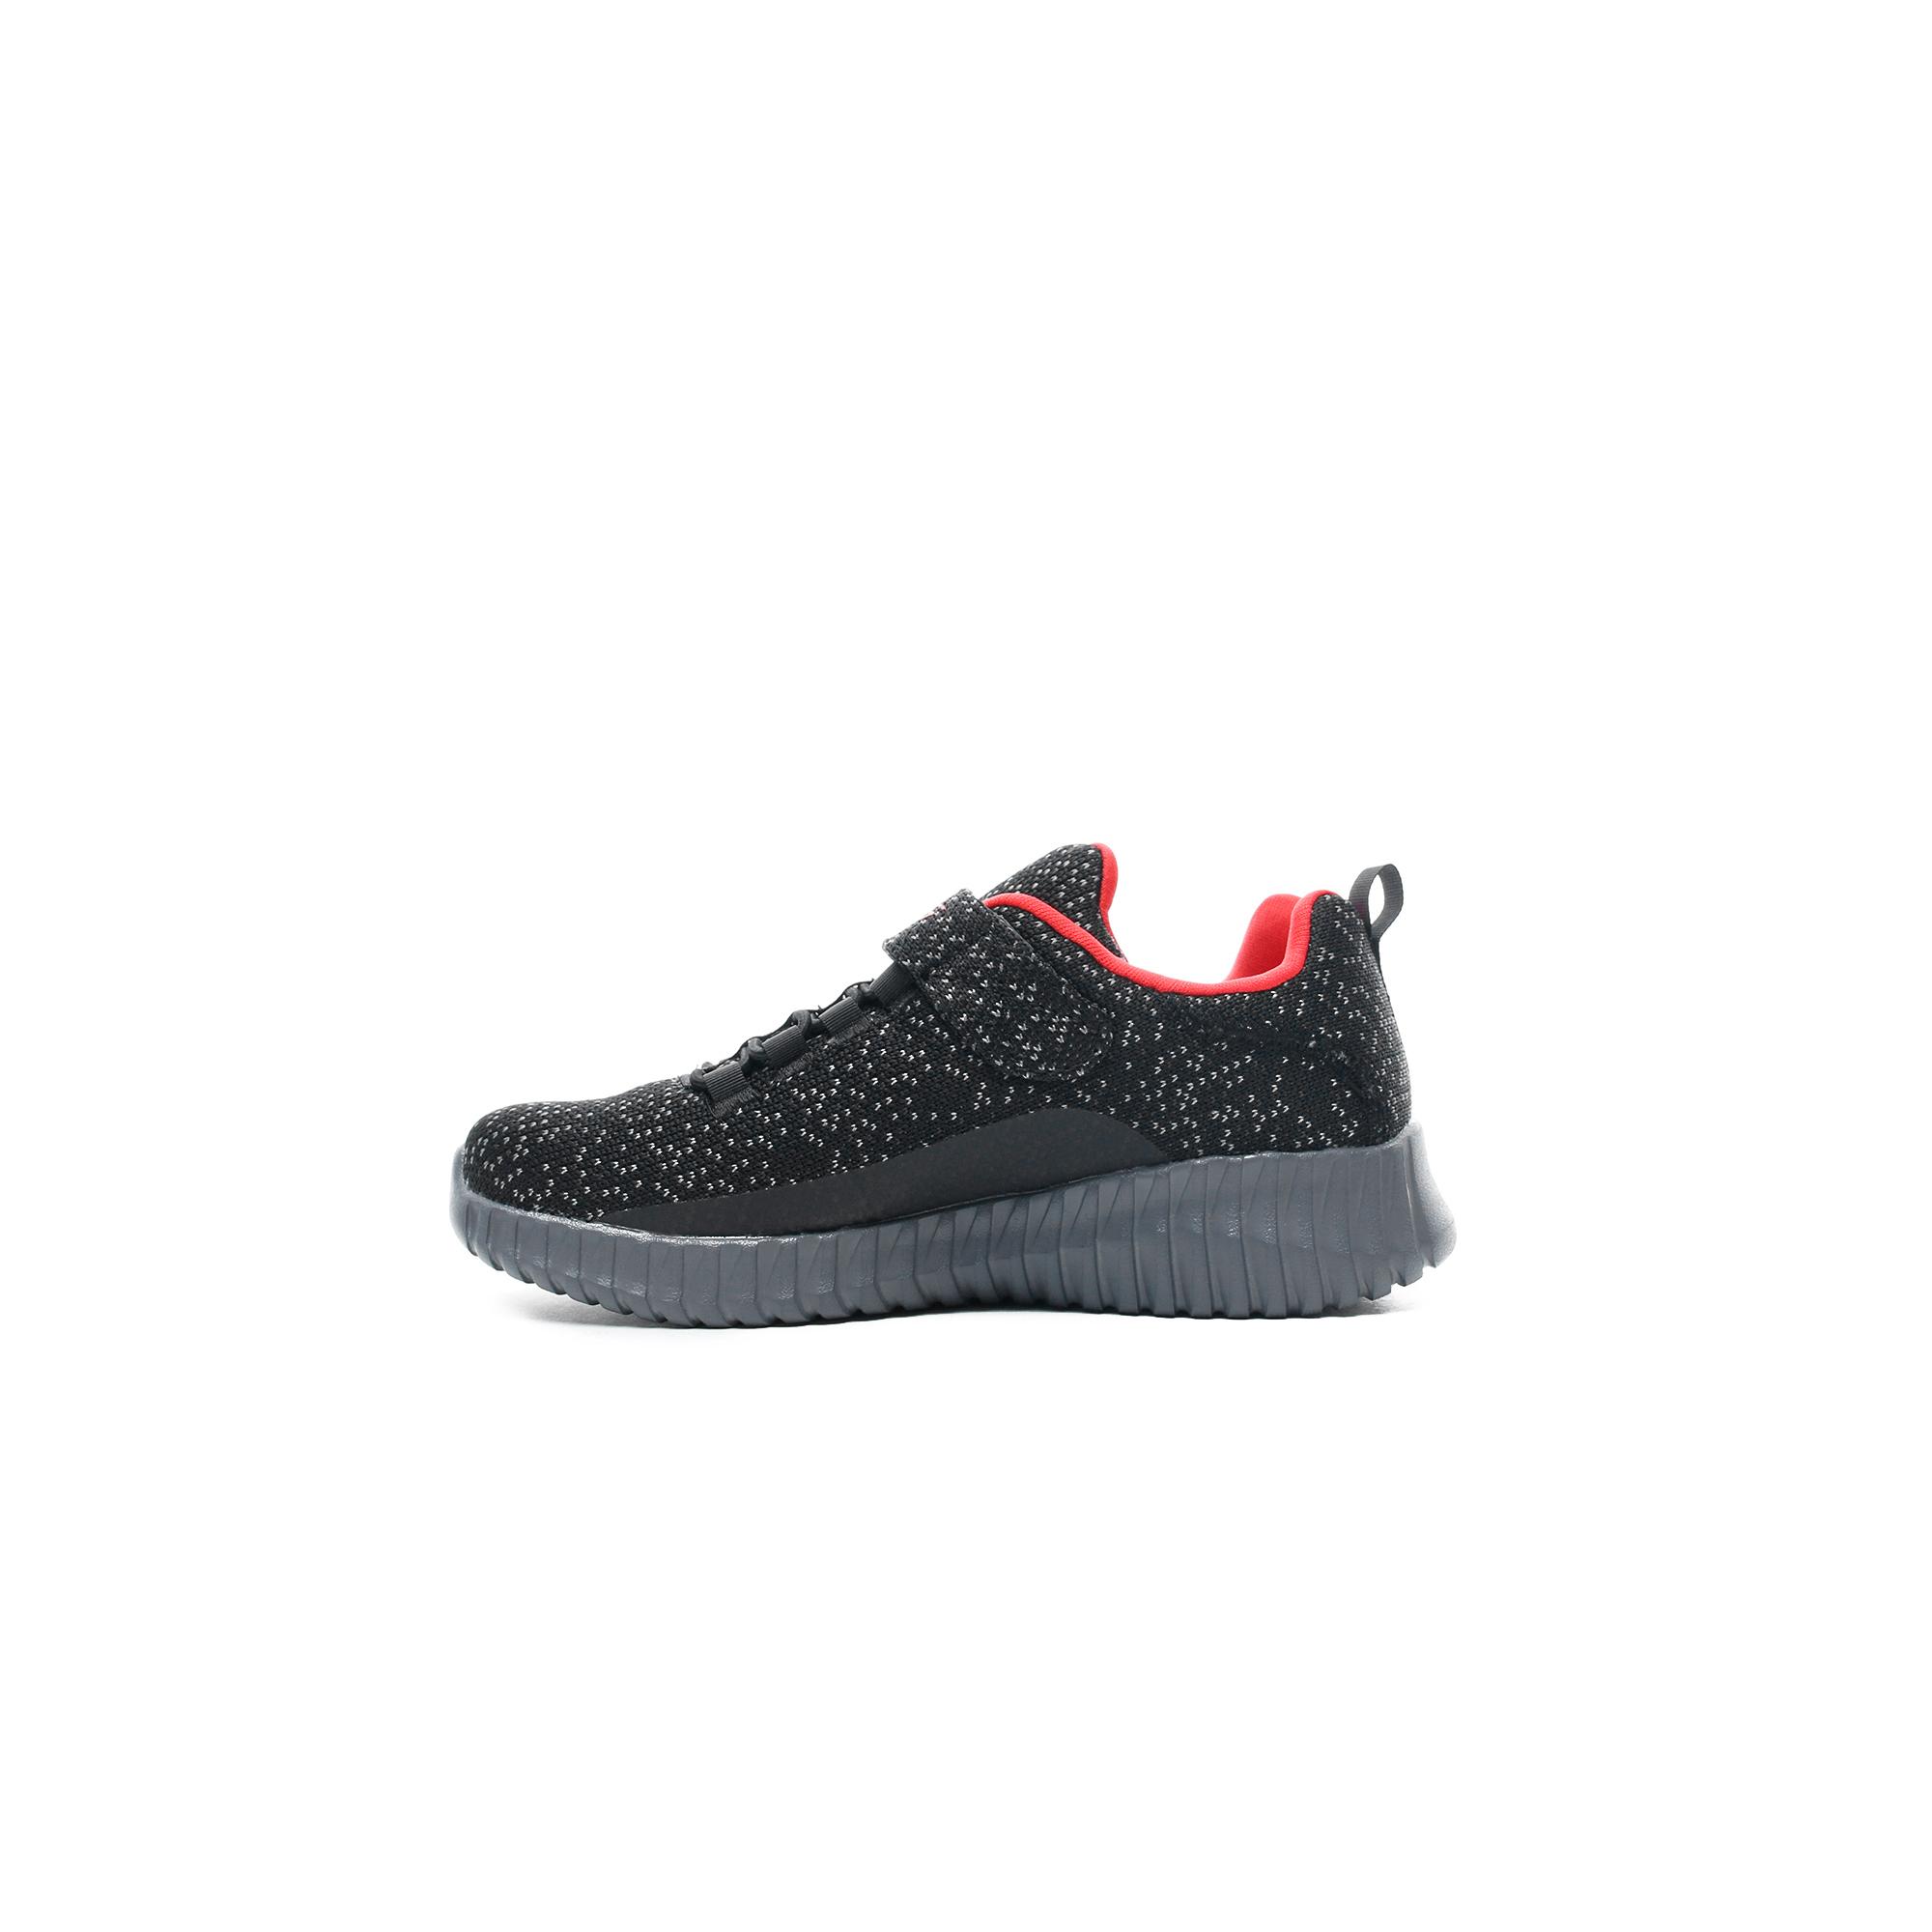 Skechers Elite Flex Siyah Çocuk Spor Ayakkabı